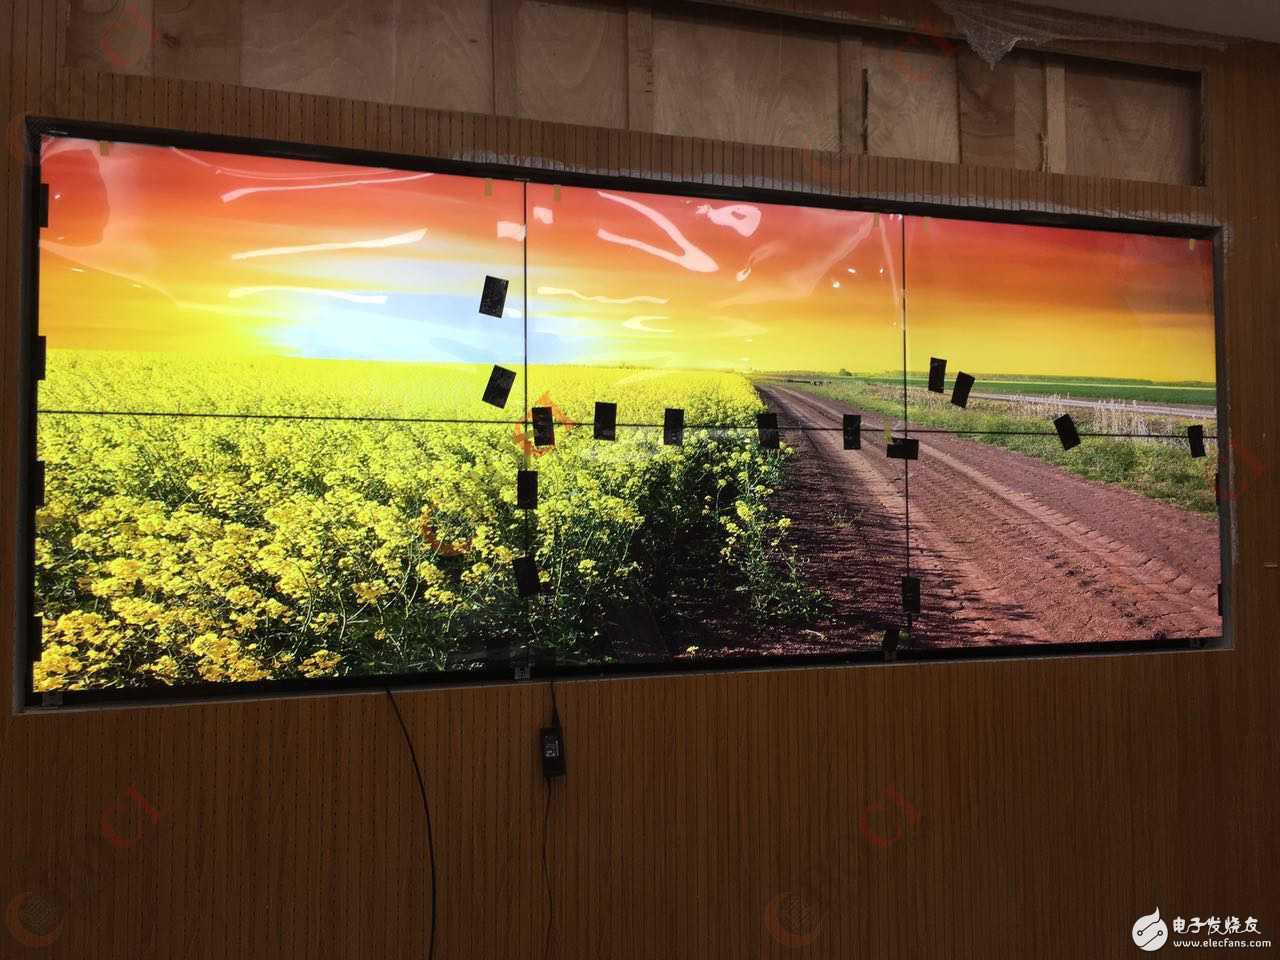 博慈大屏幕视频墙监控显示系统入驻江苏盐城公交管理局